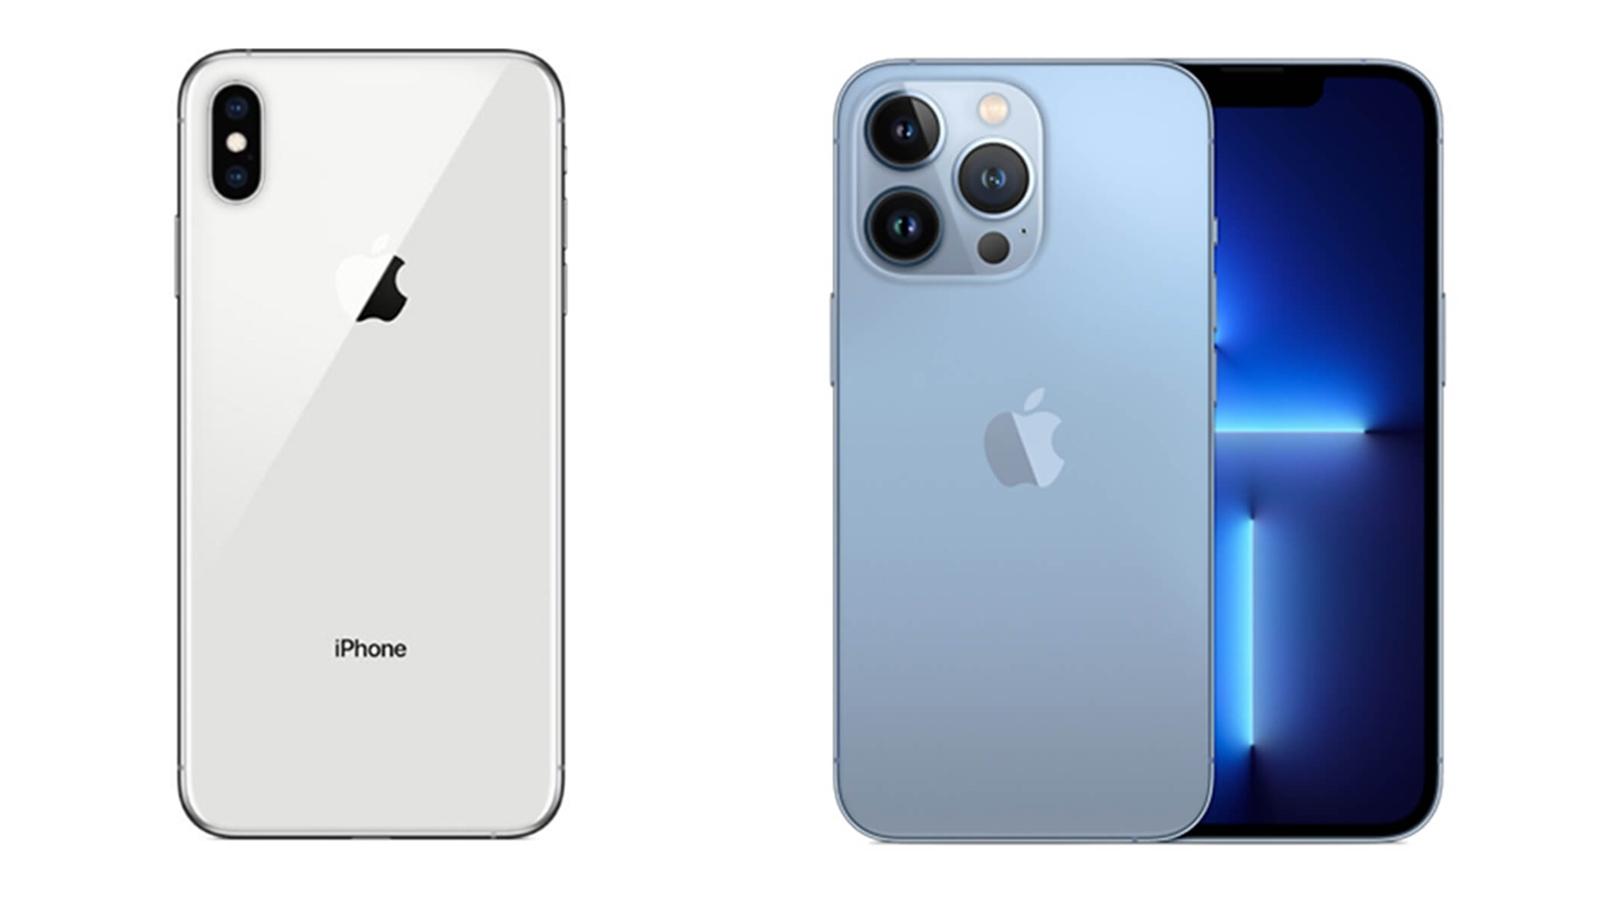 【機型比較】iPhone 13 Pro Max和XS Max選哪台比較好?規格功能/評價比較!哪裡買最便宜?